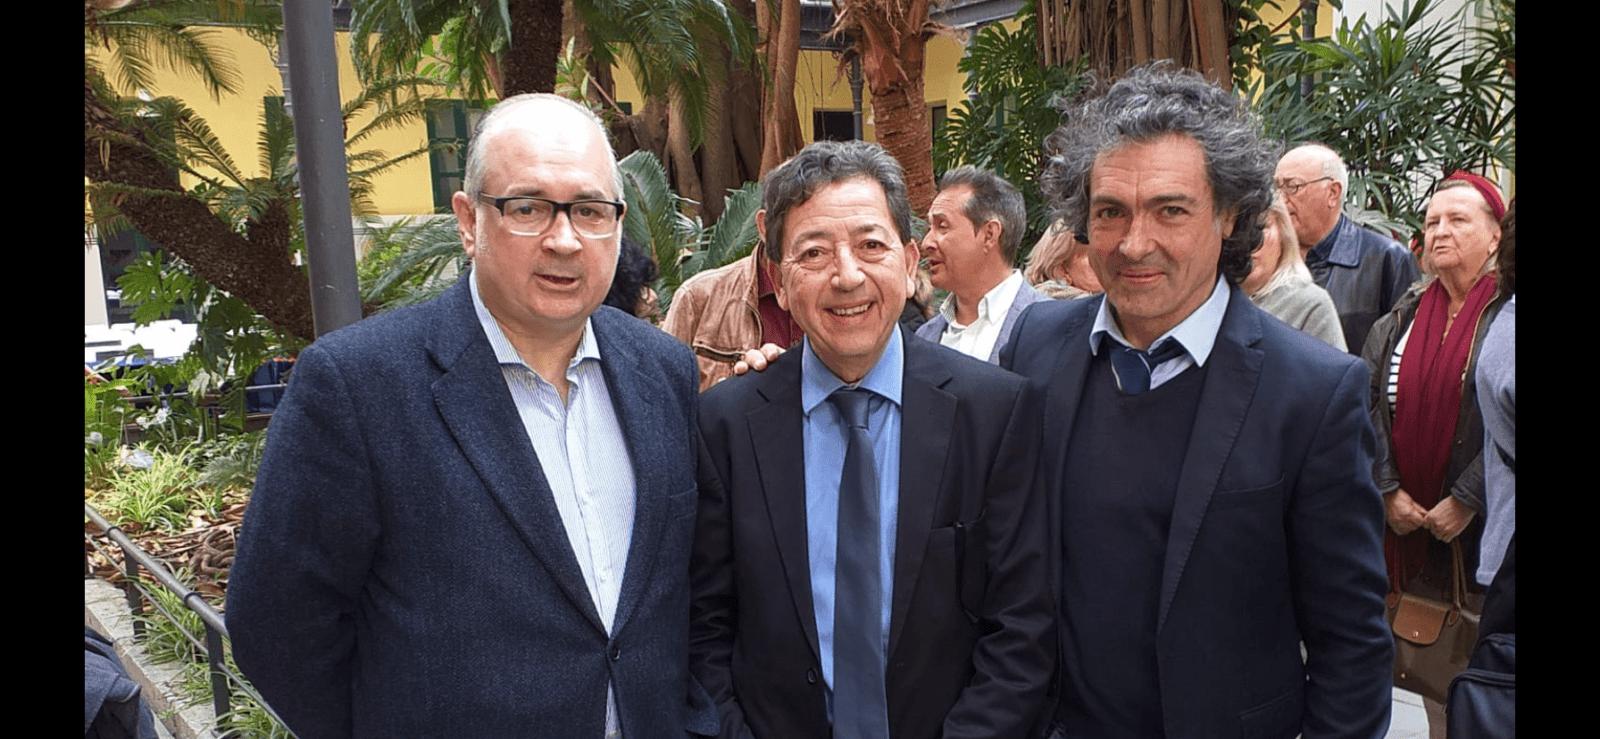 Camaró y L'homme postmoderne en la Universidad Internacional Menendez Pelayo de Valencia.